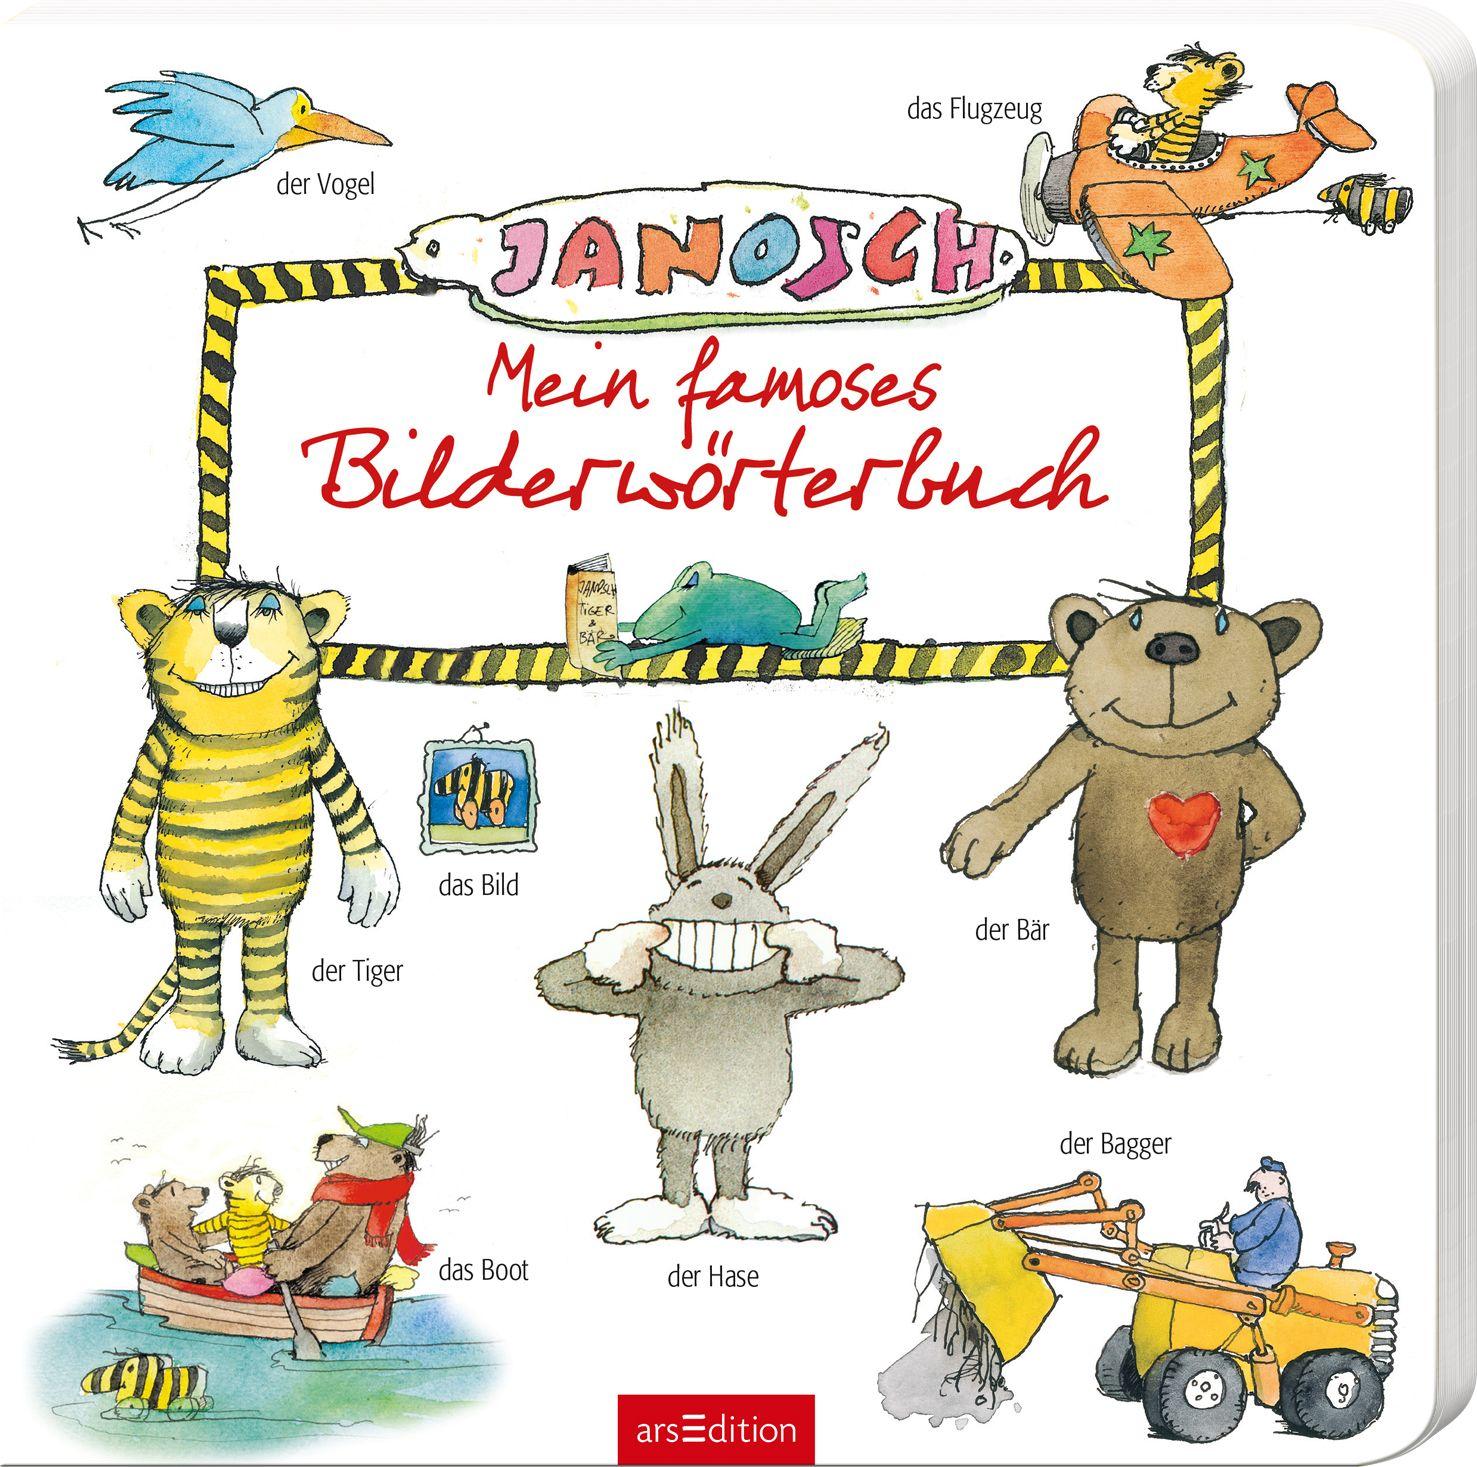 Gemütlich Anatomie Eines Pfaus Ideen - Anatomie Ideen - finotti.info